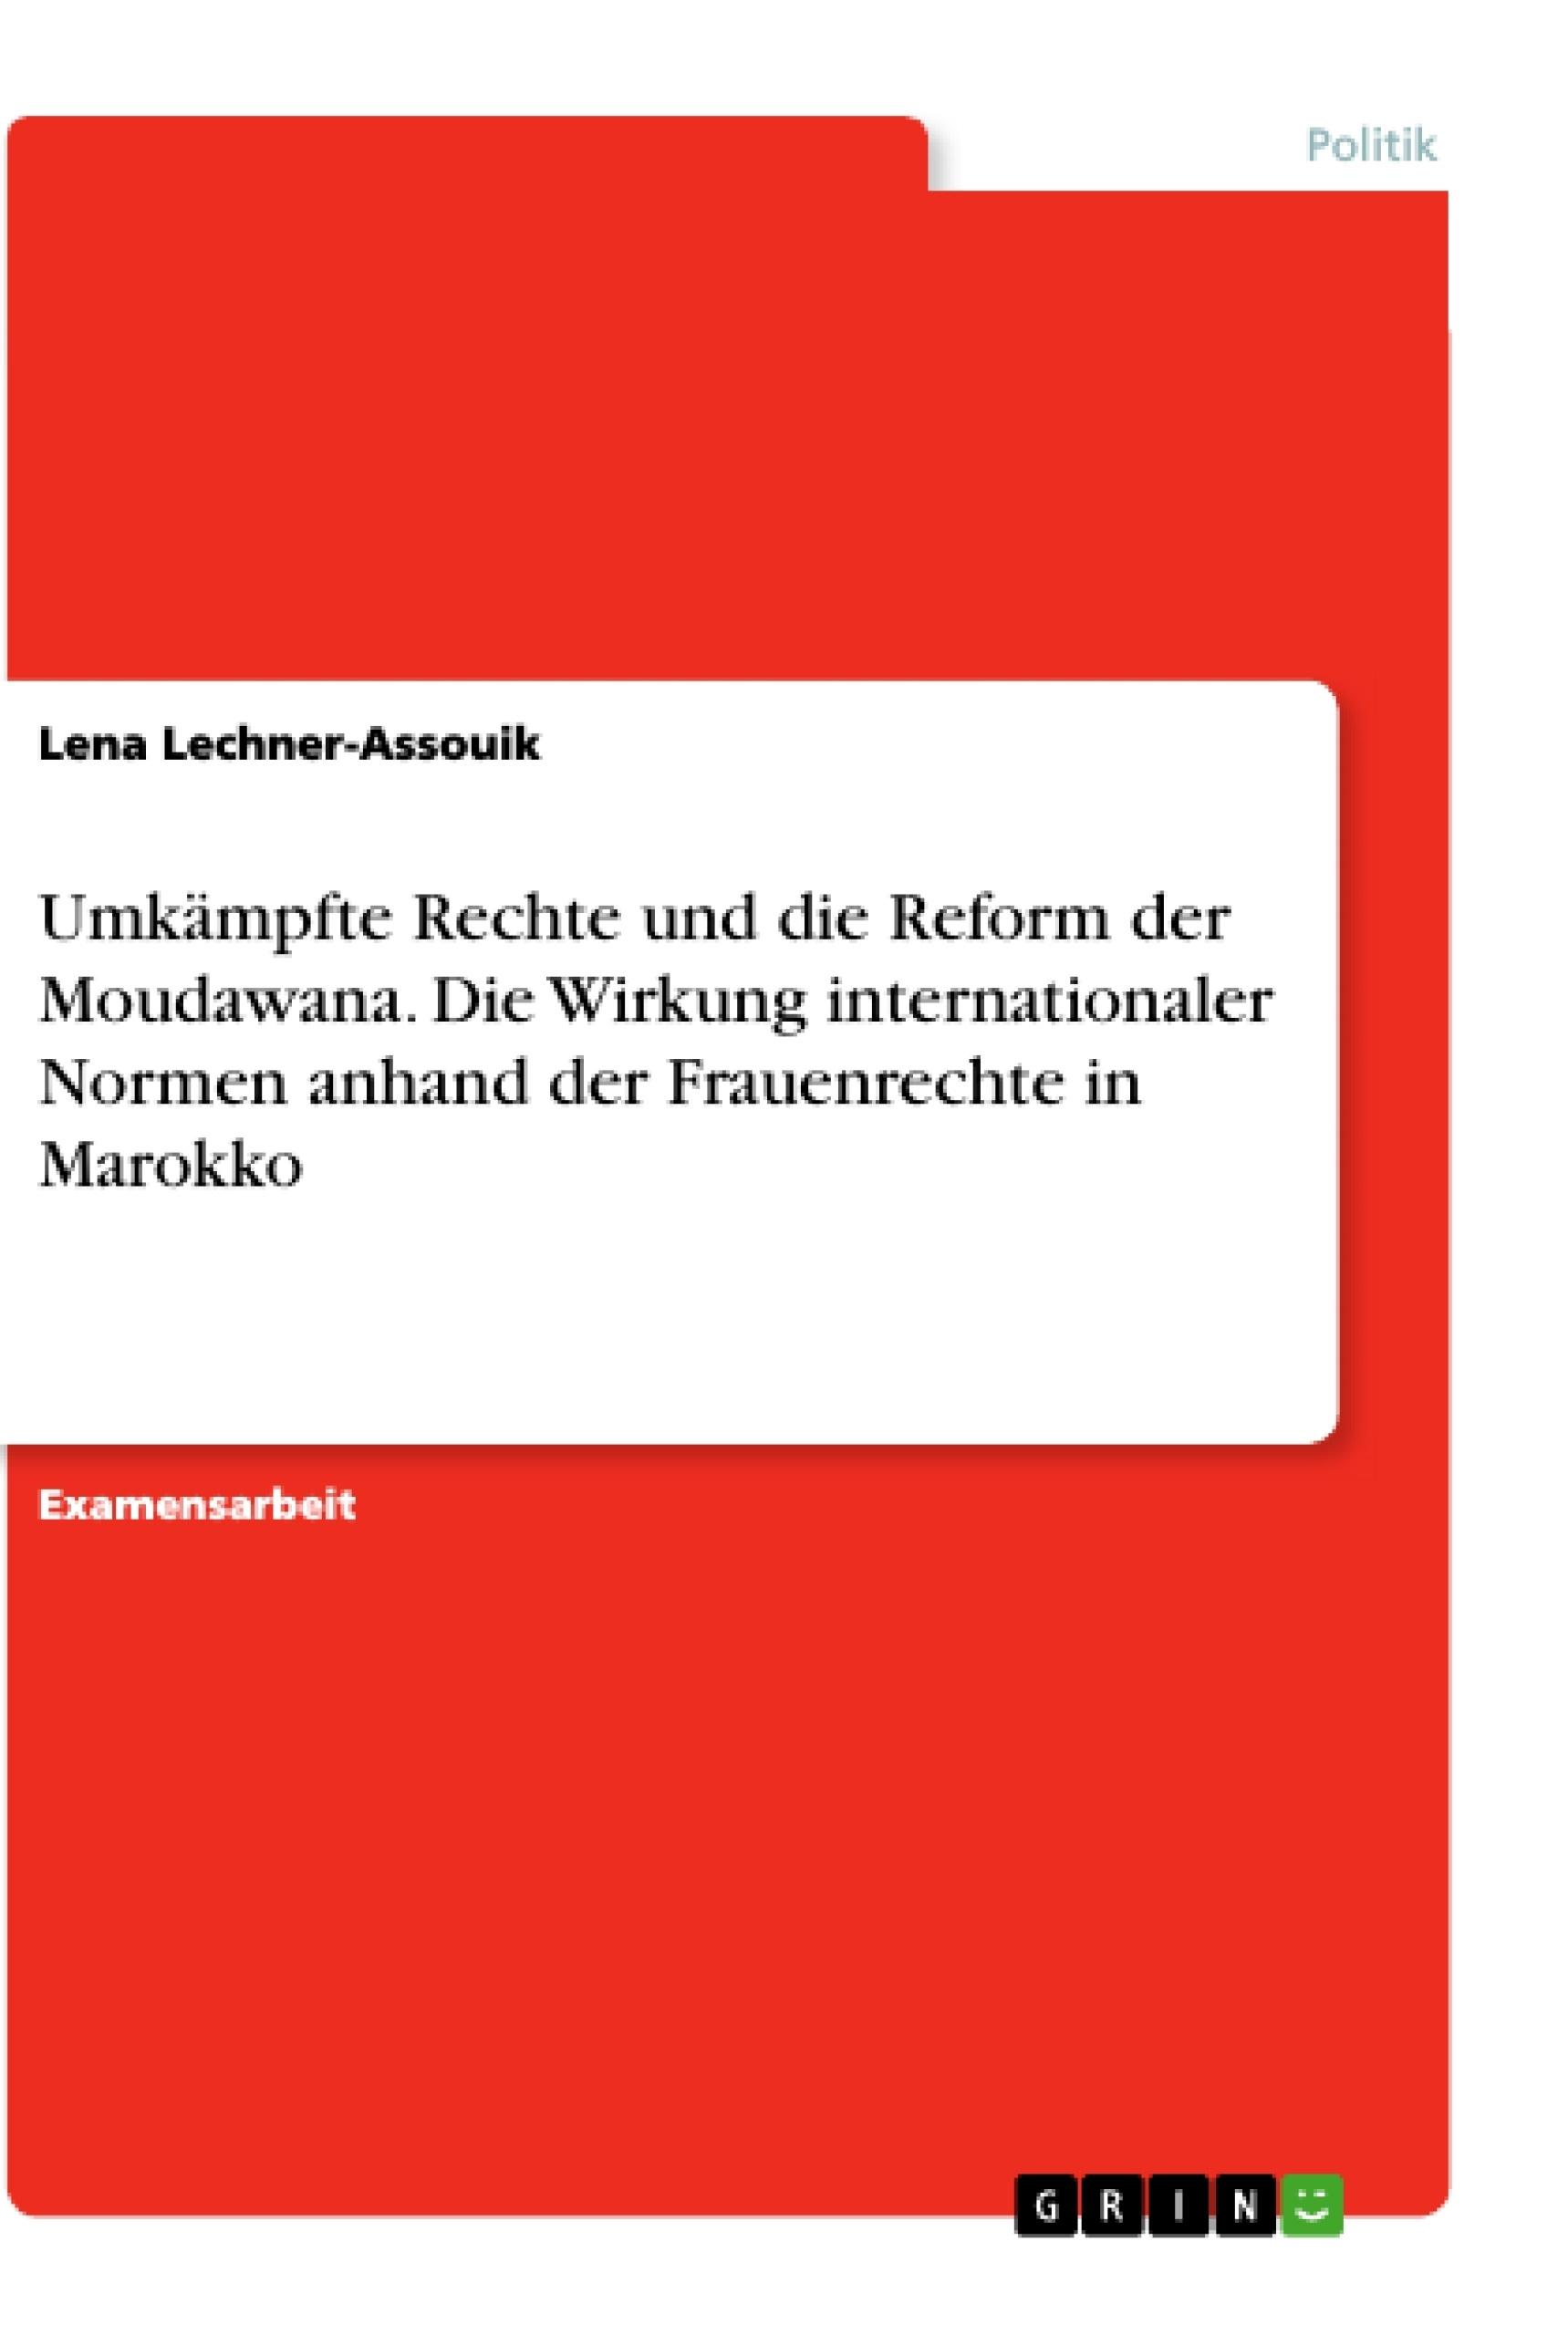 Titel: Umkämpfte Rechte und die Reform der Moudawana. Die Wirkung internationaler Normen anhand der Frauenrechte in Marokko